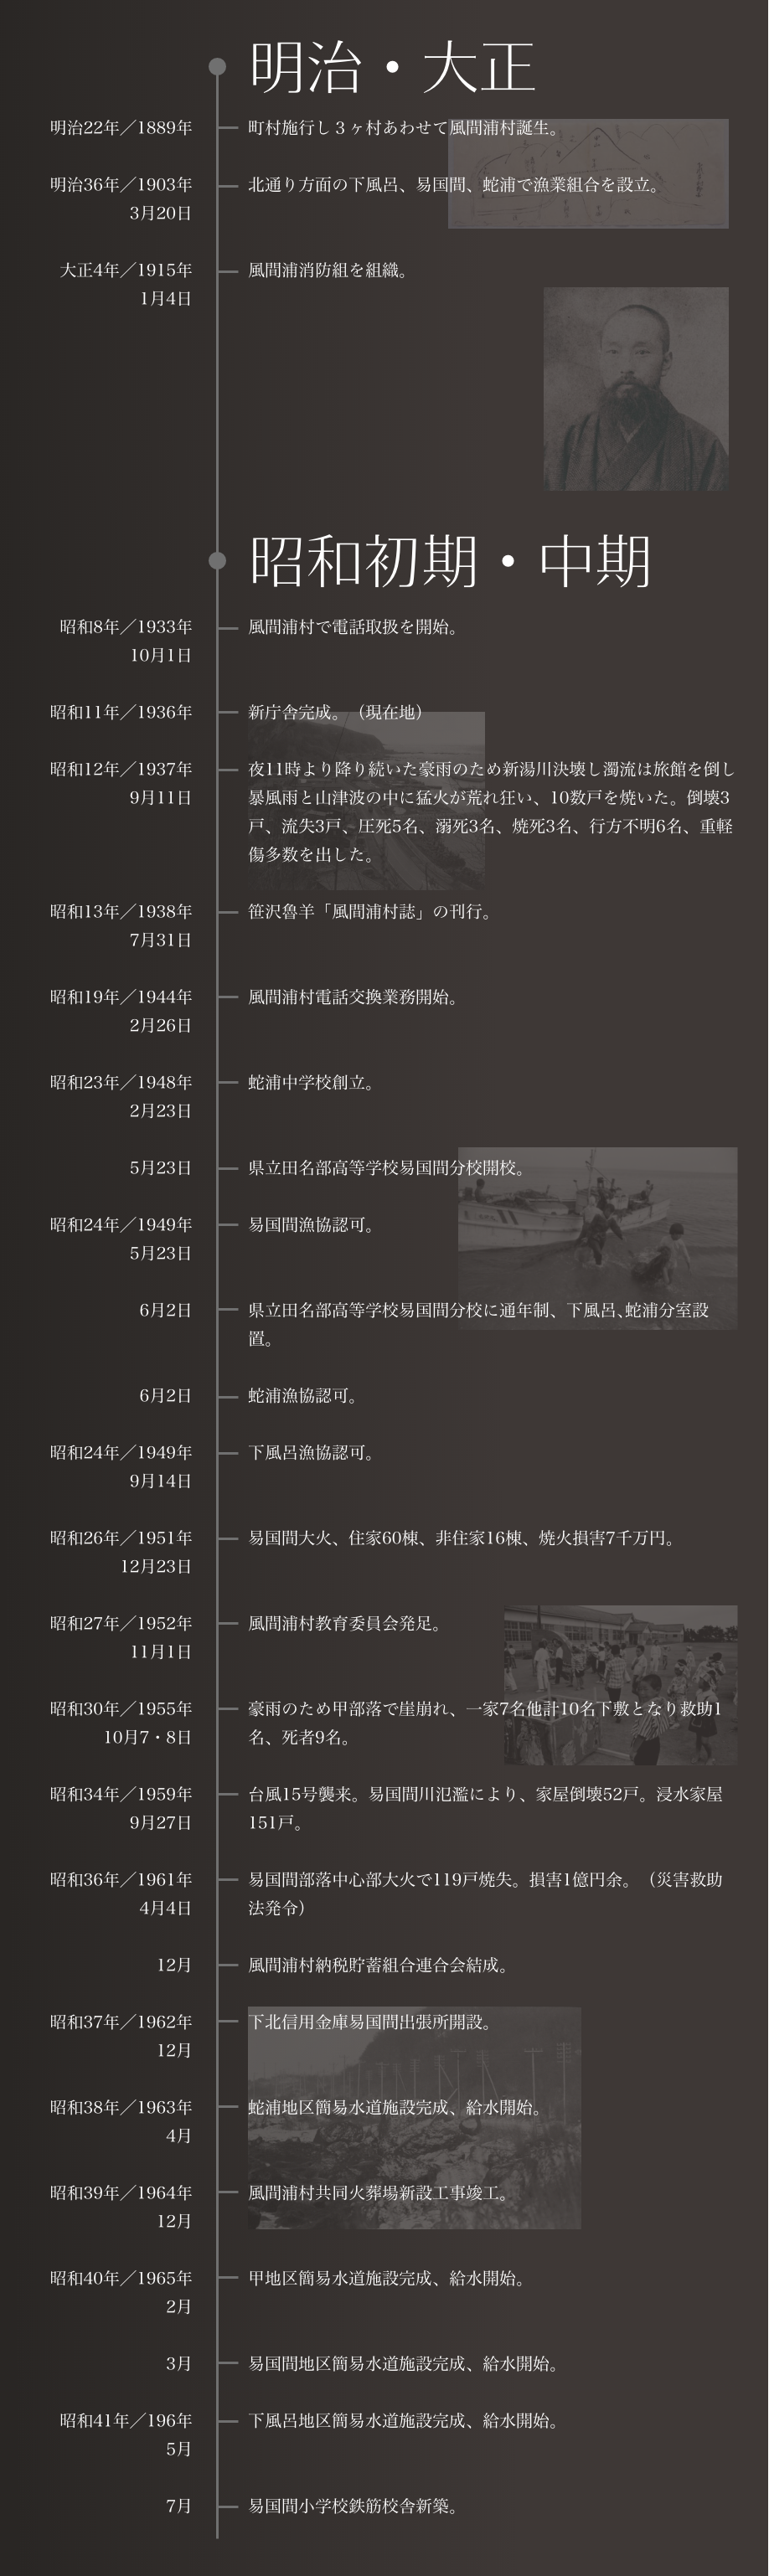 沿革|昭和中期まで